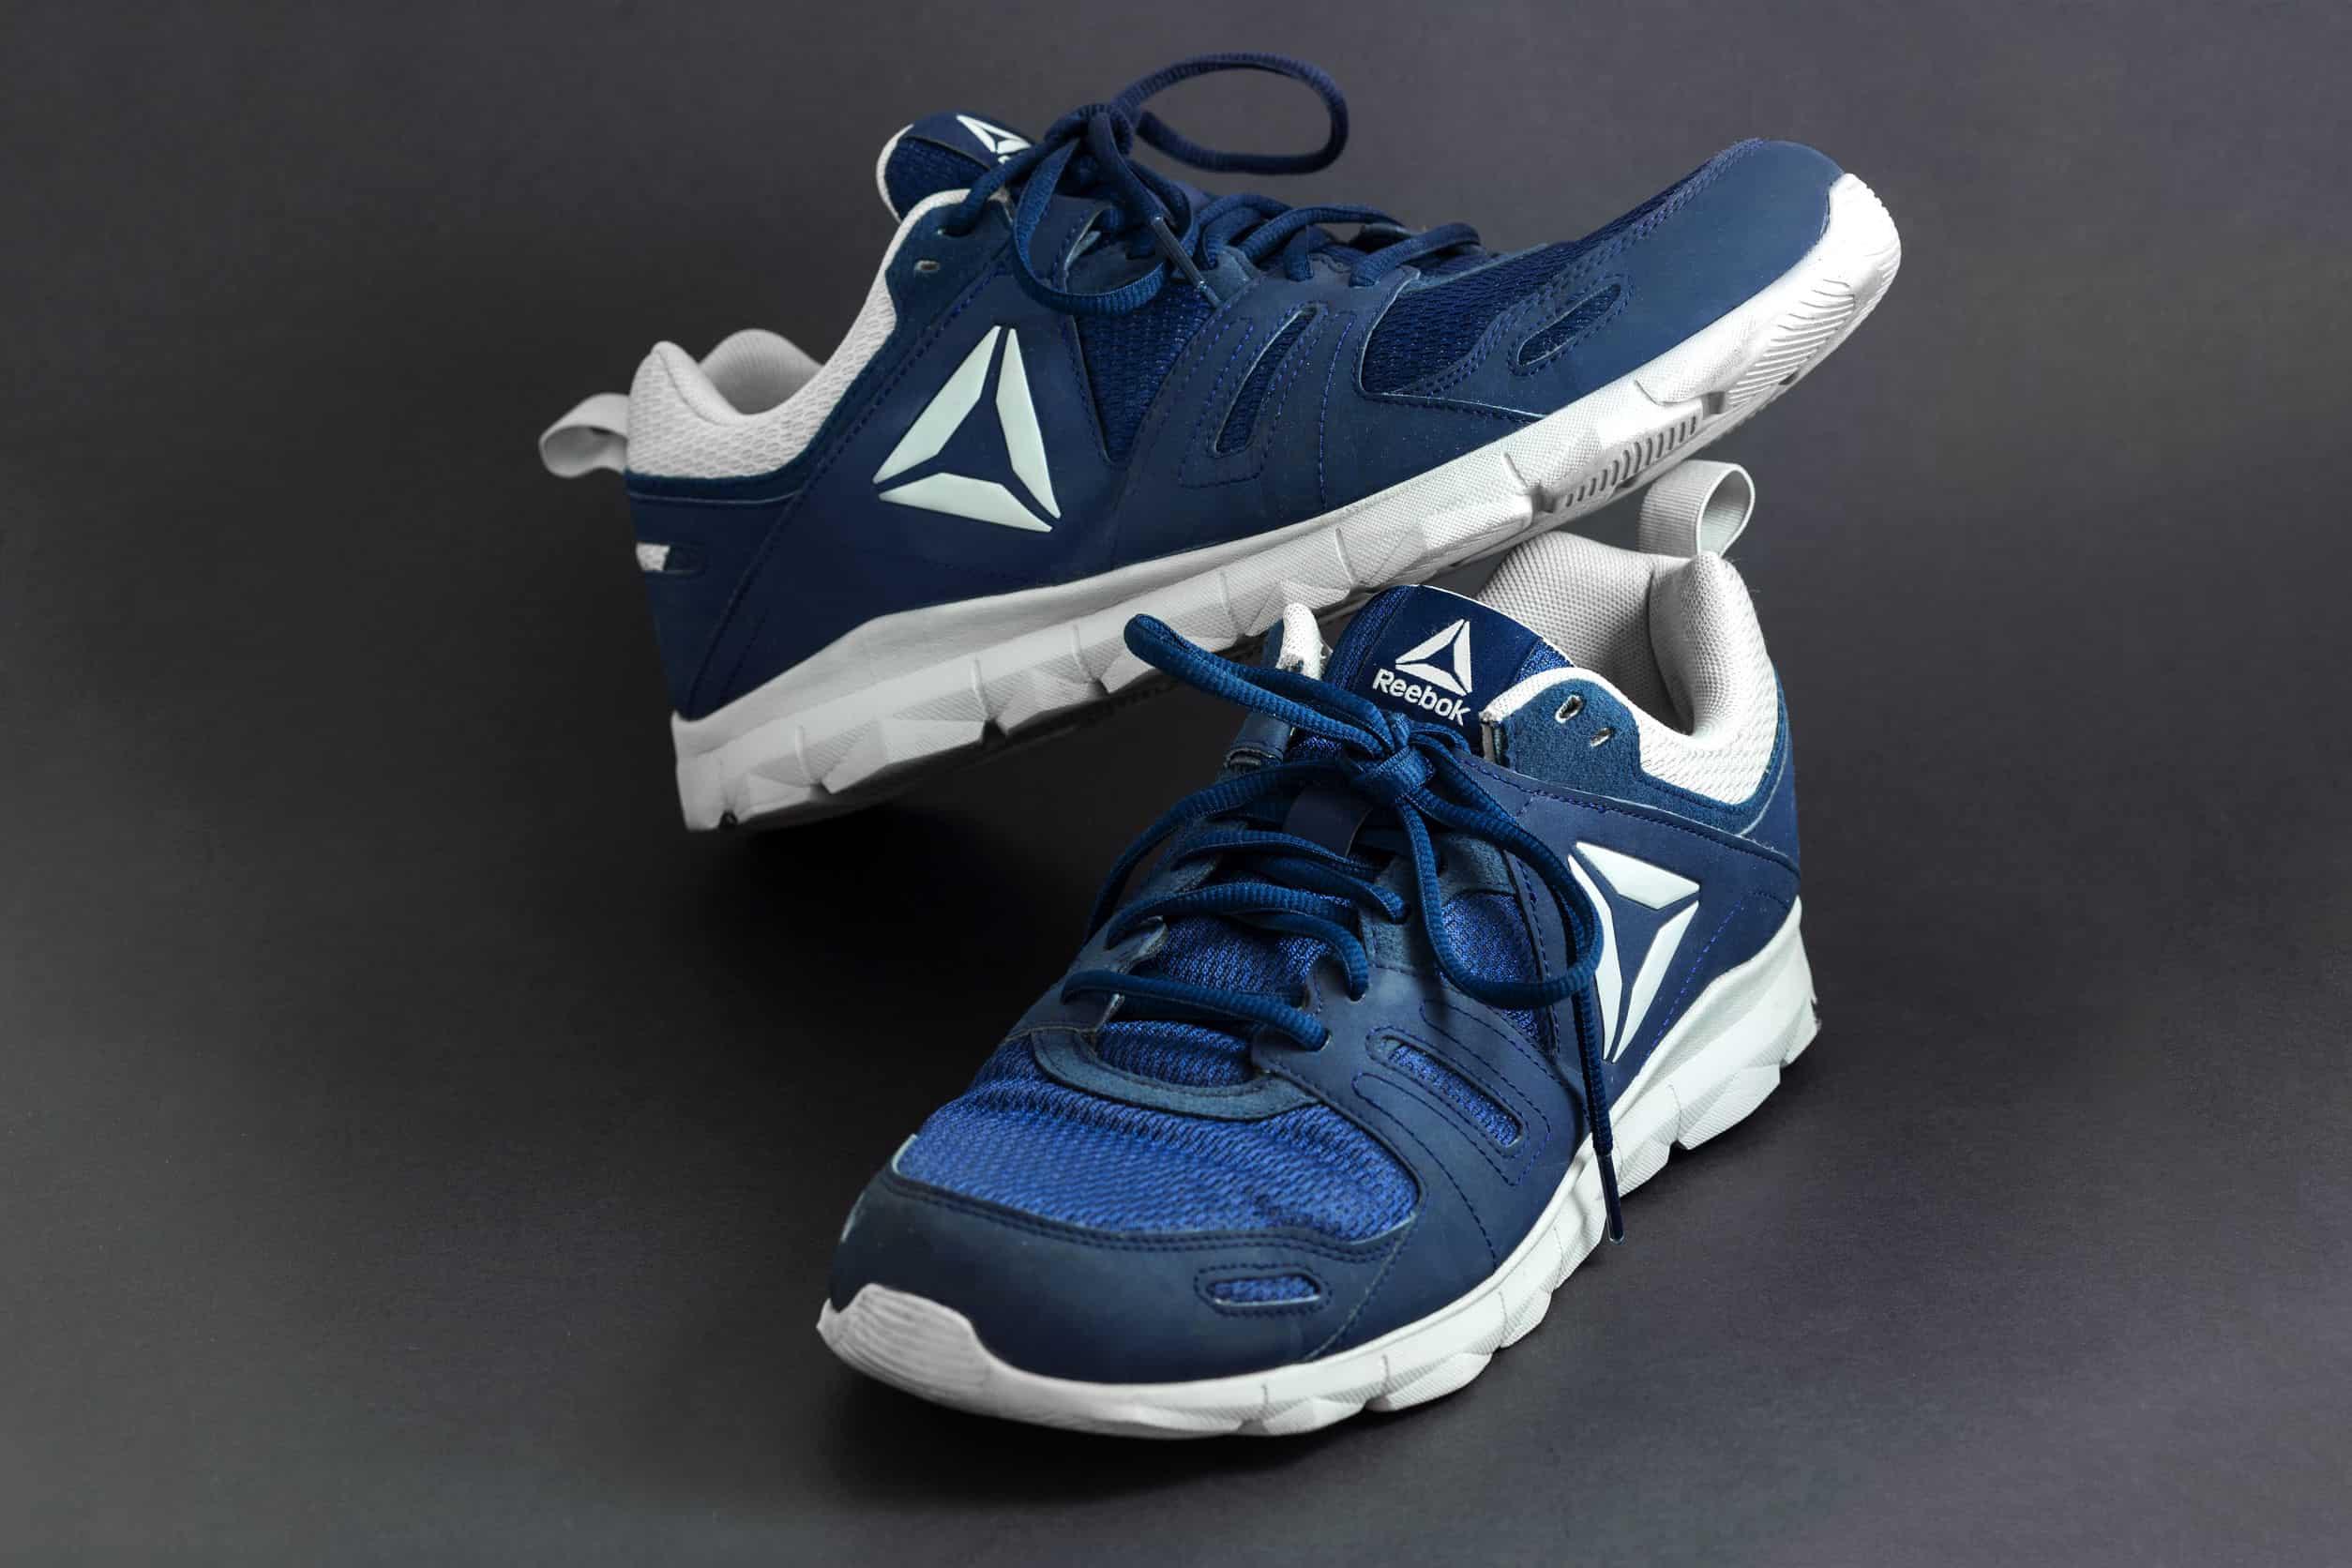 Na foto um par de tênis Reebok azul.